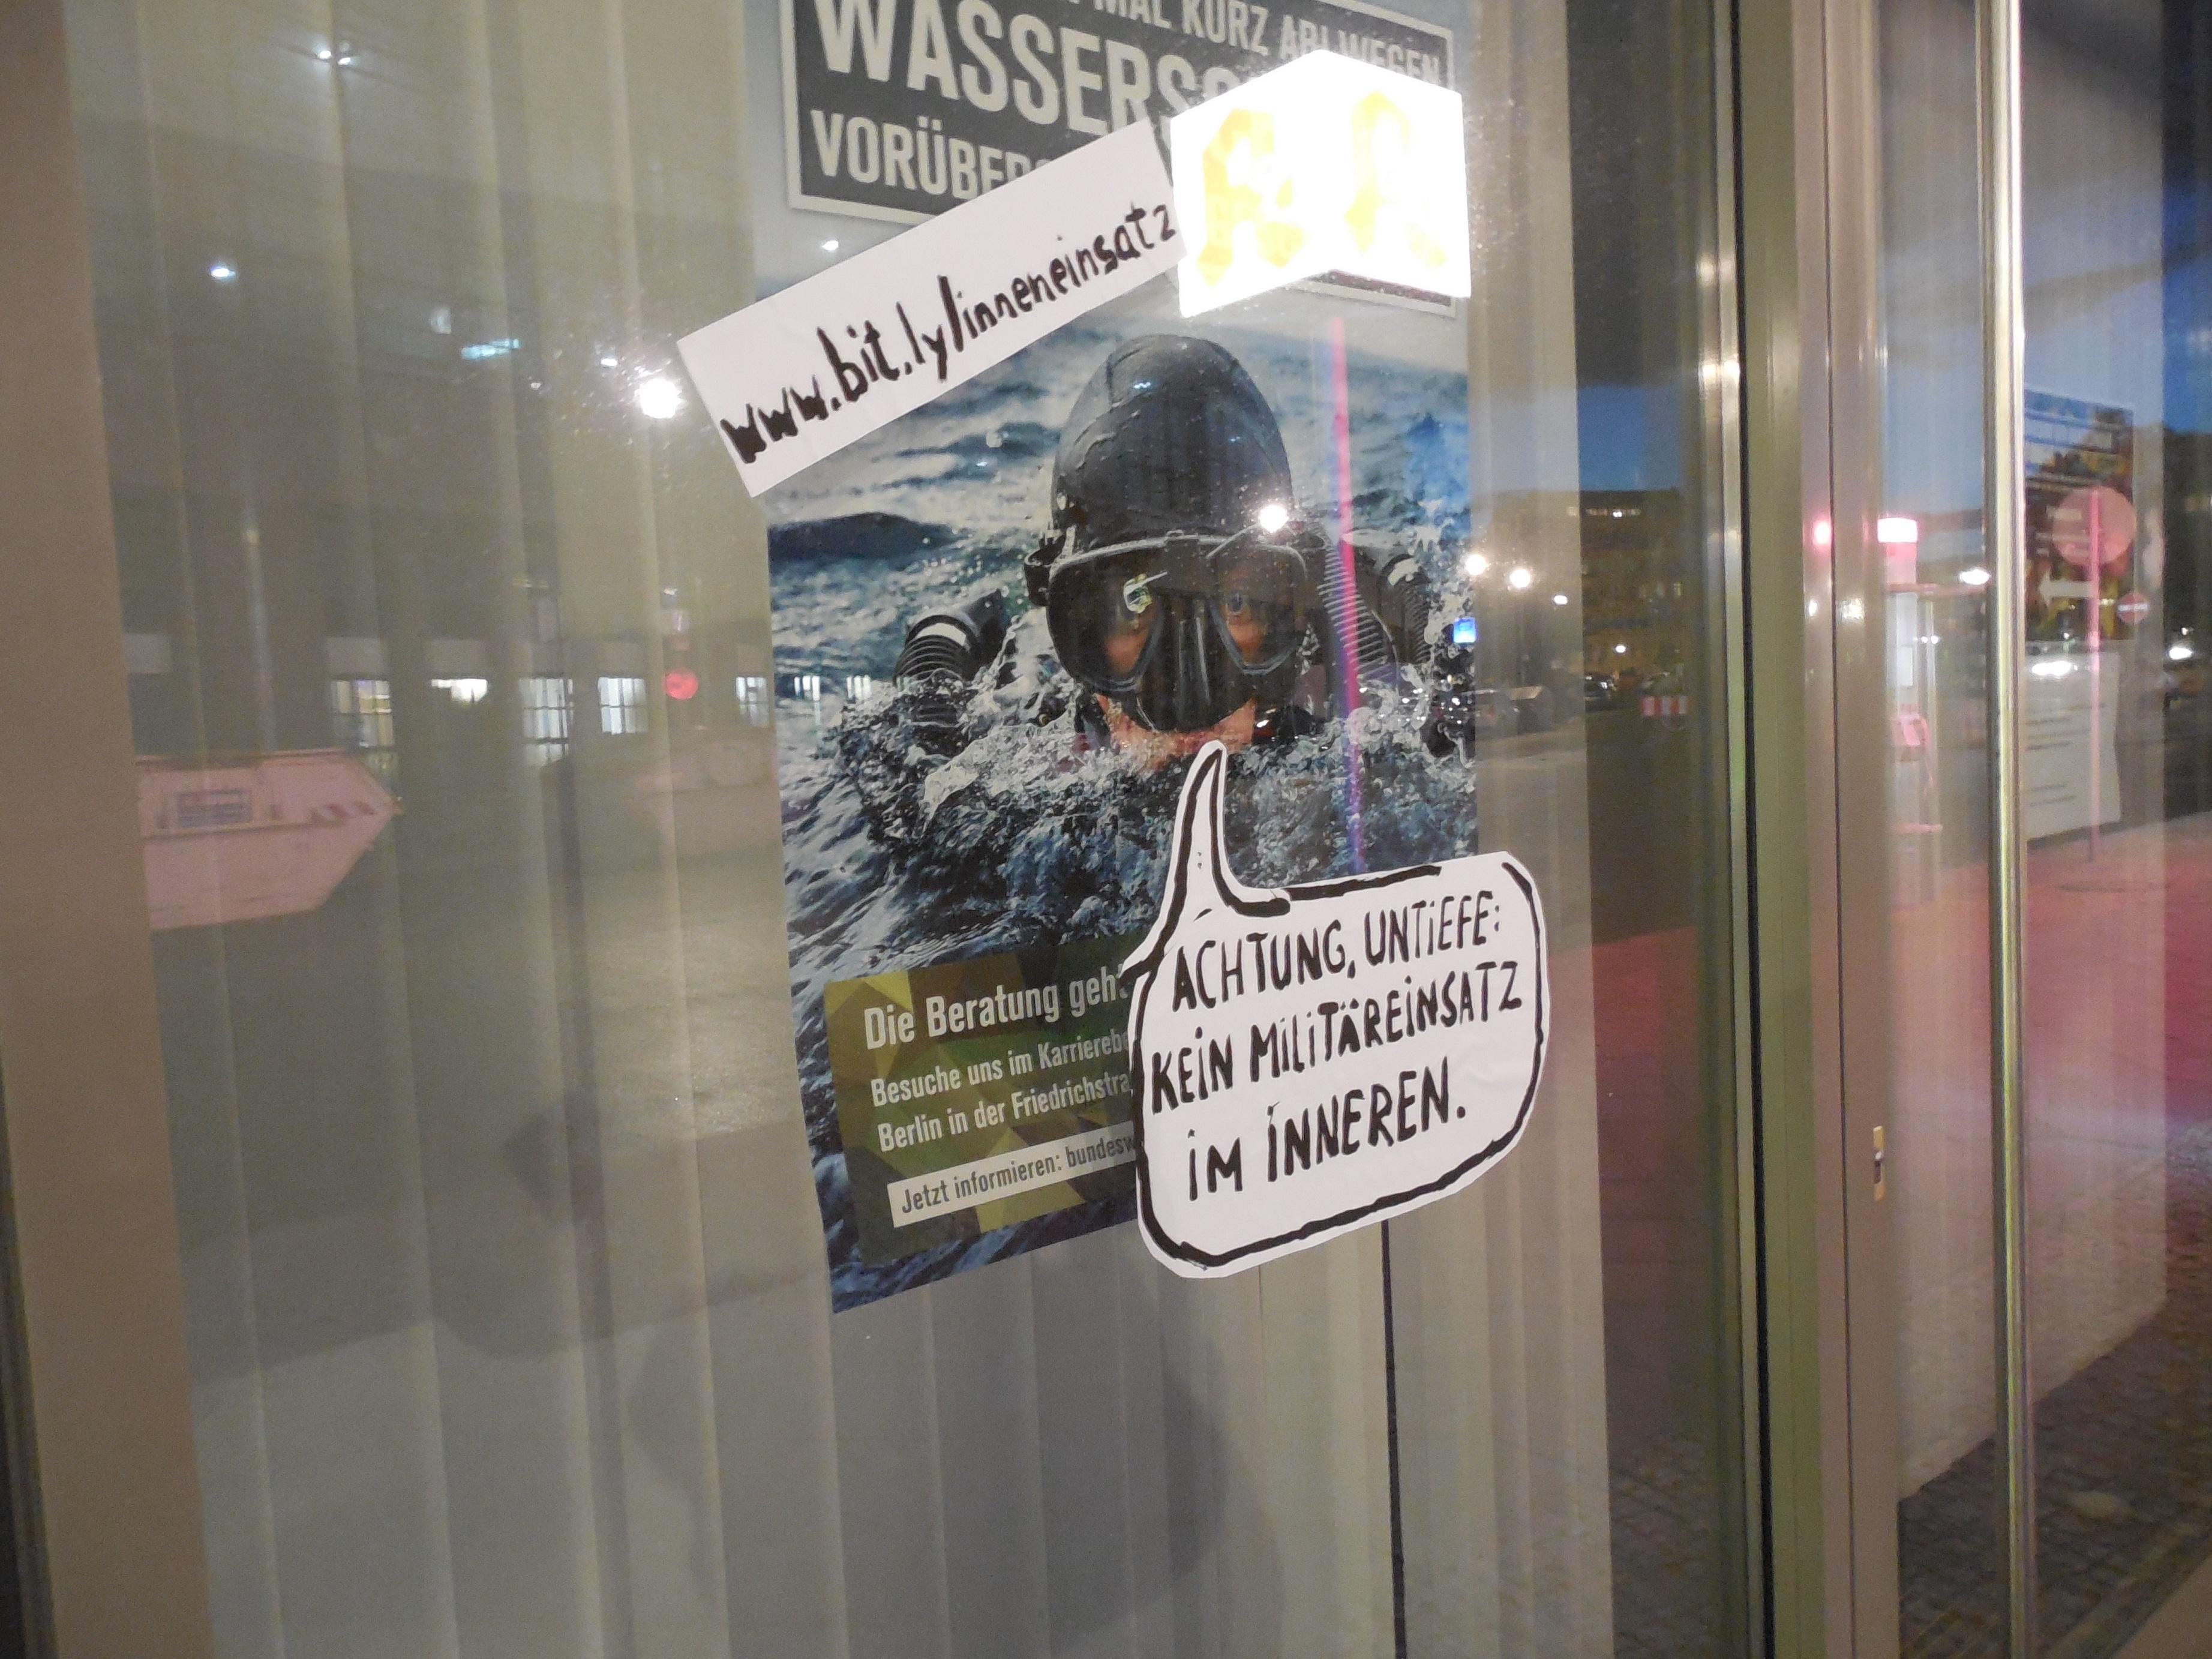 Achtung, Untiefe: Kein Militäreinsatz im Inneren.